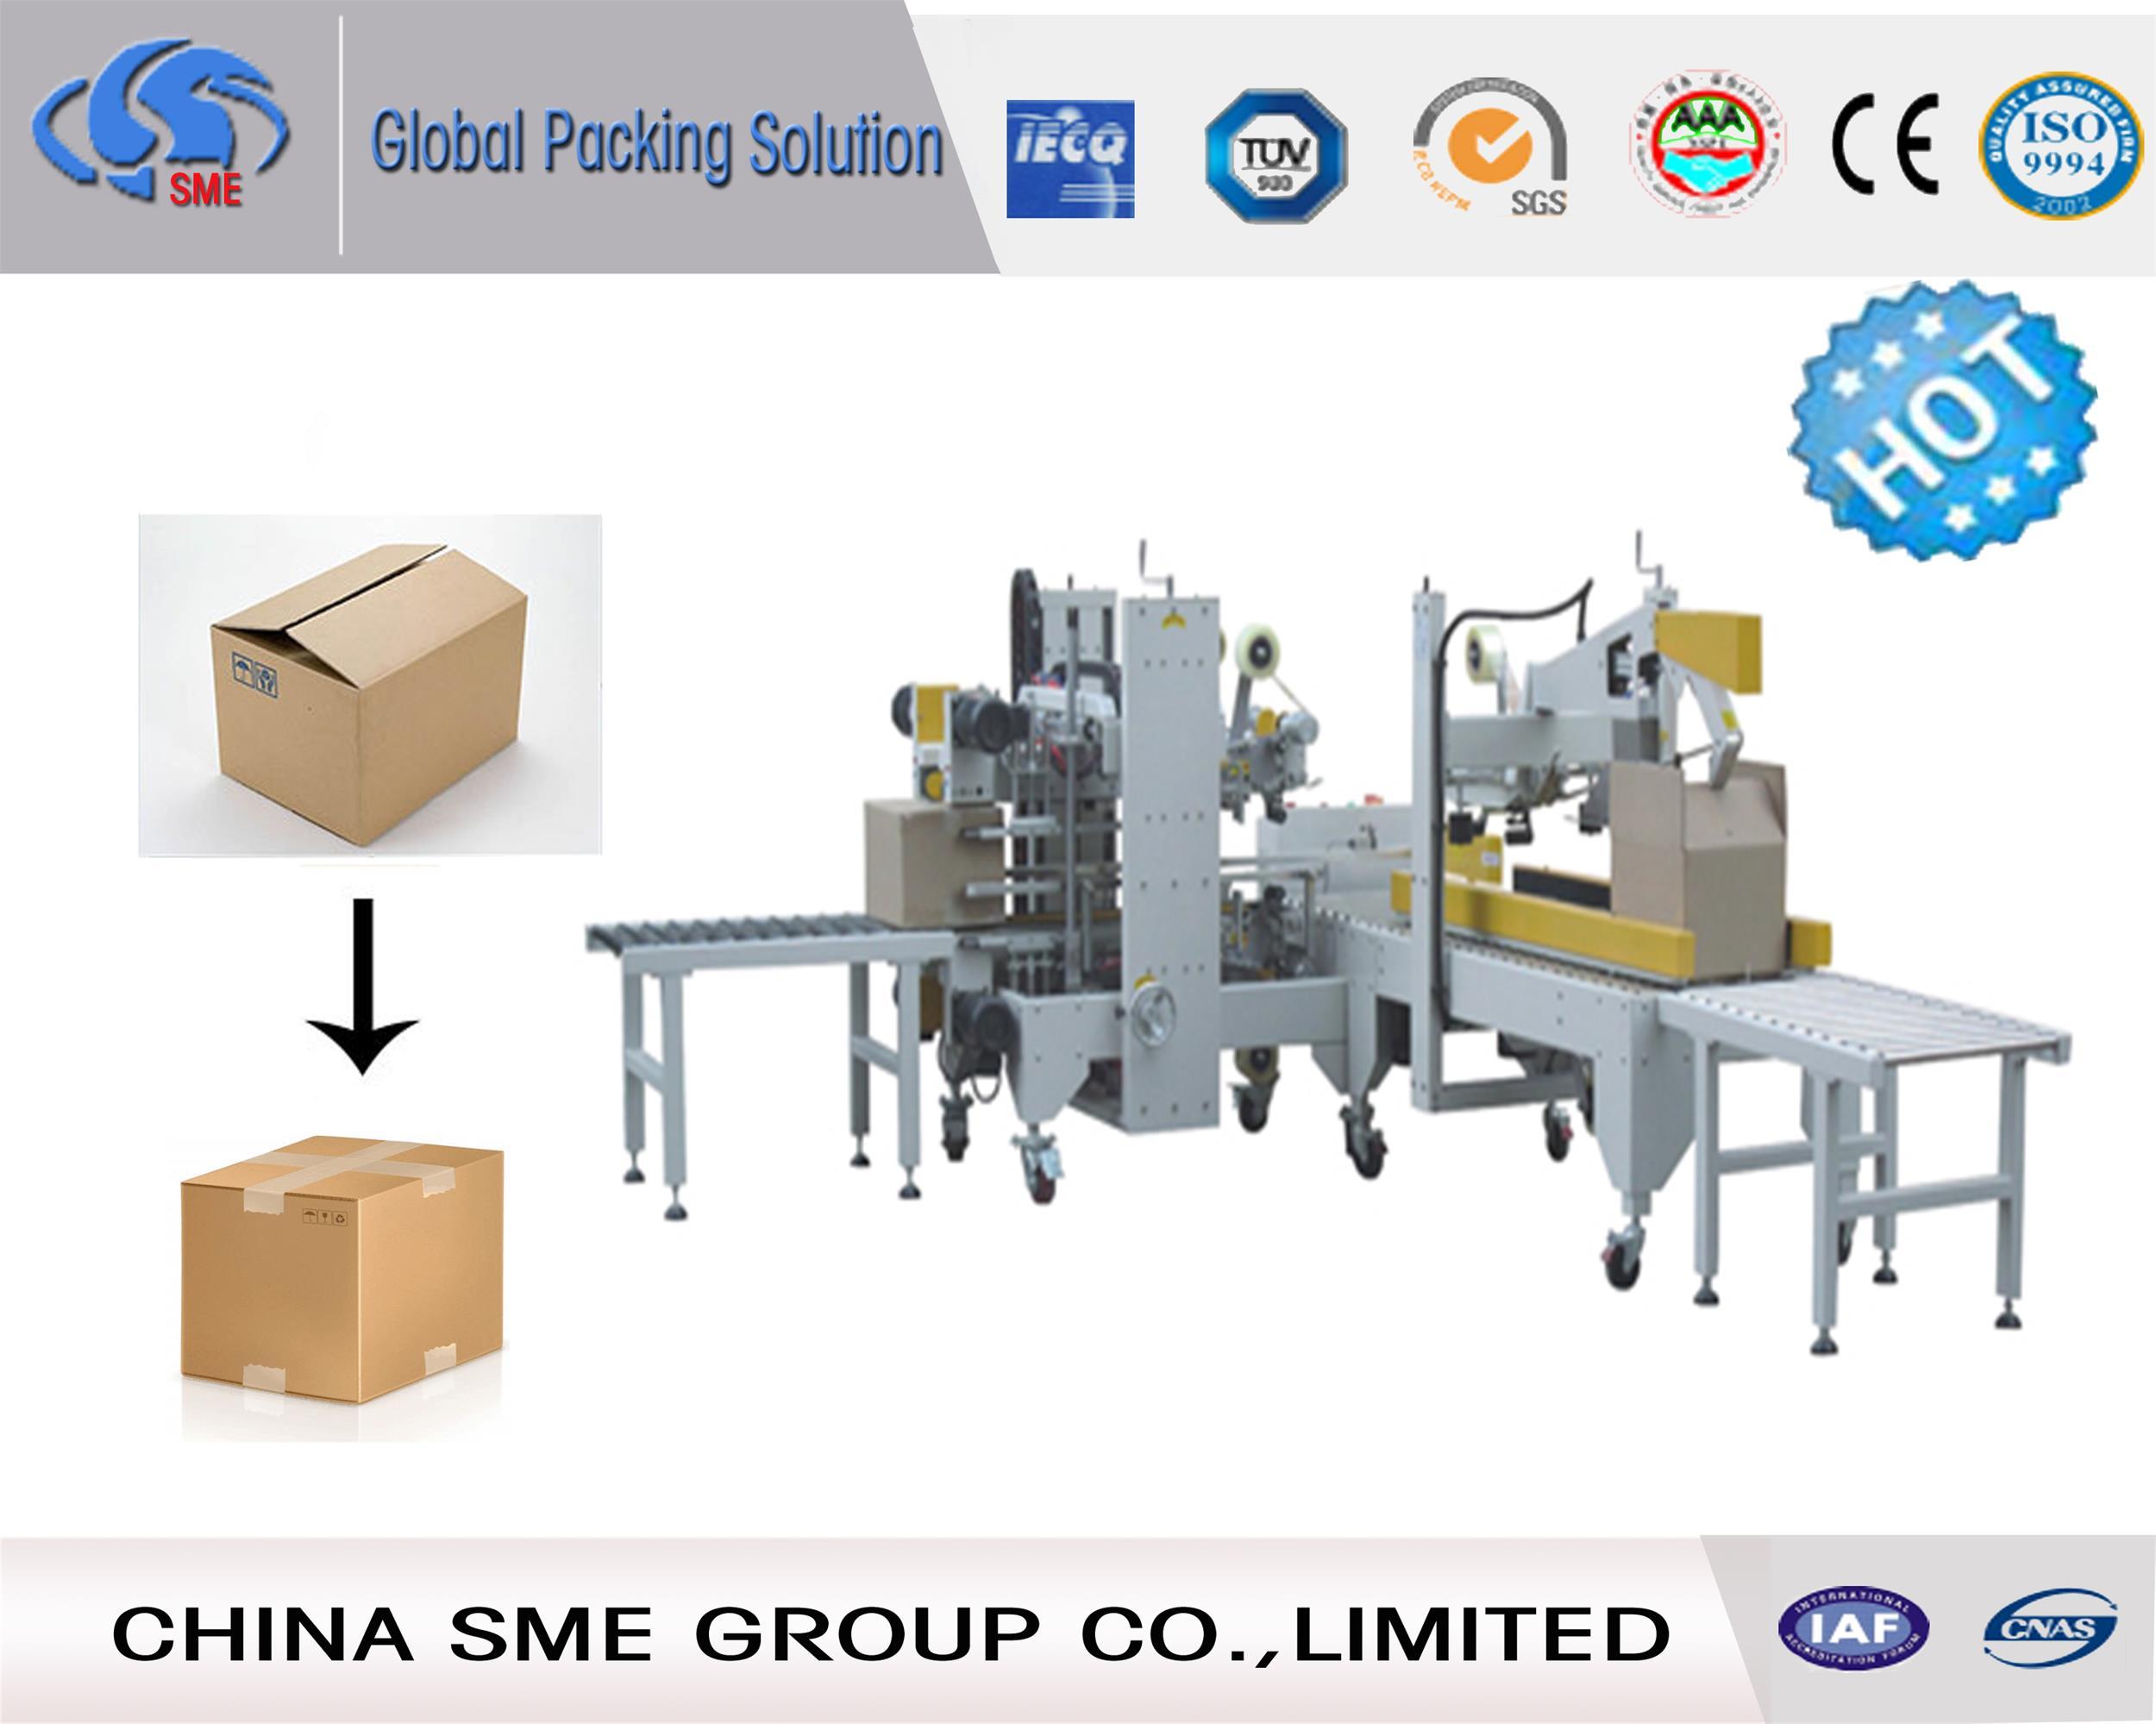 Carton Sealing Machinery